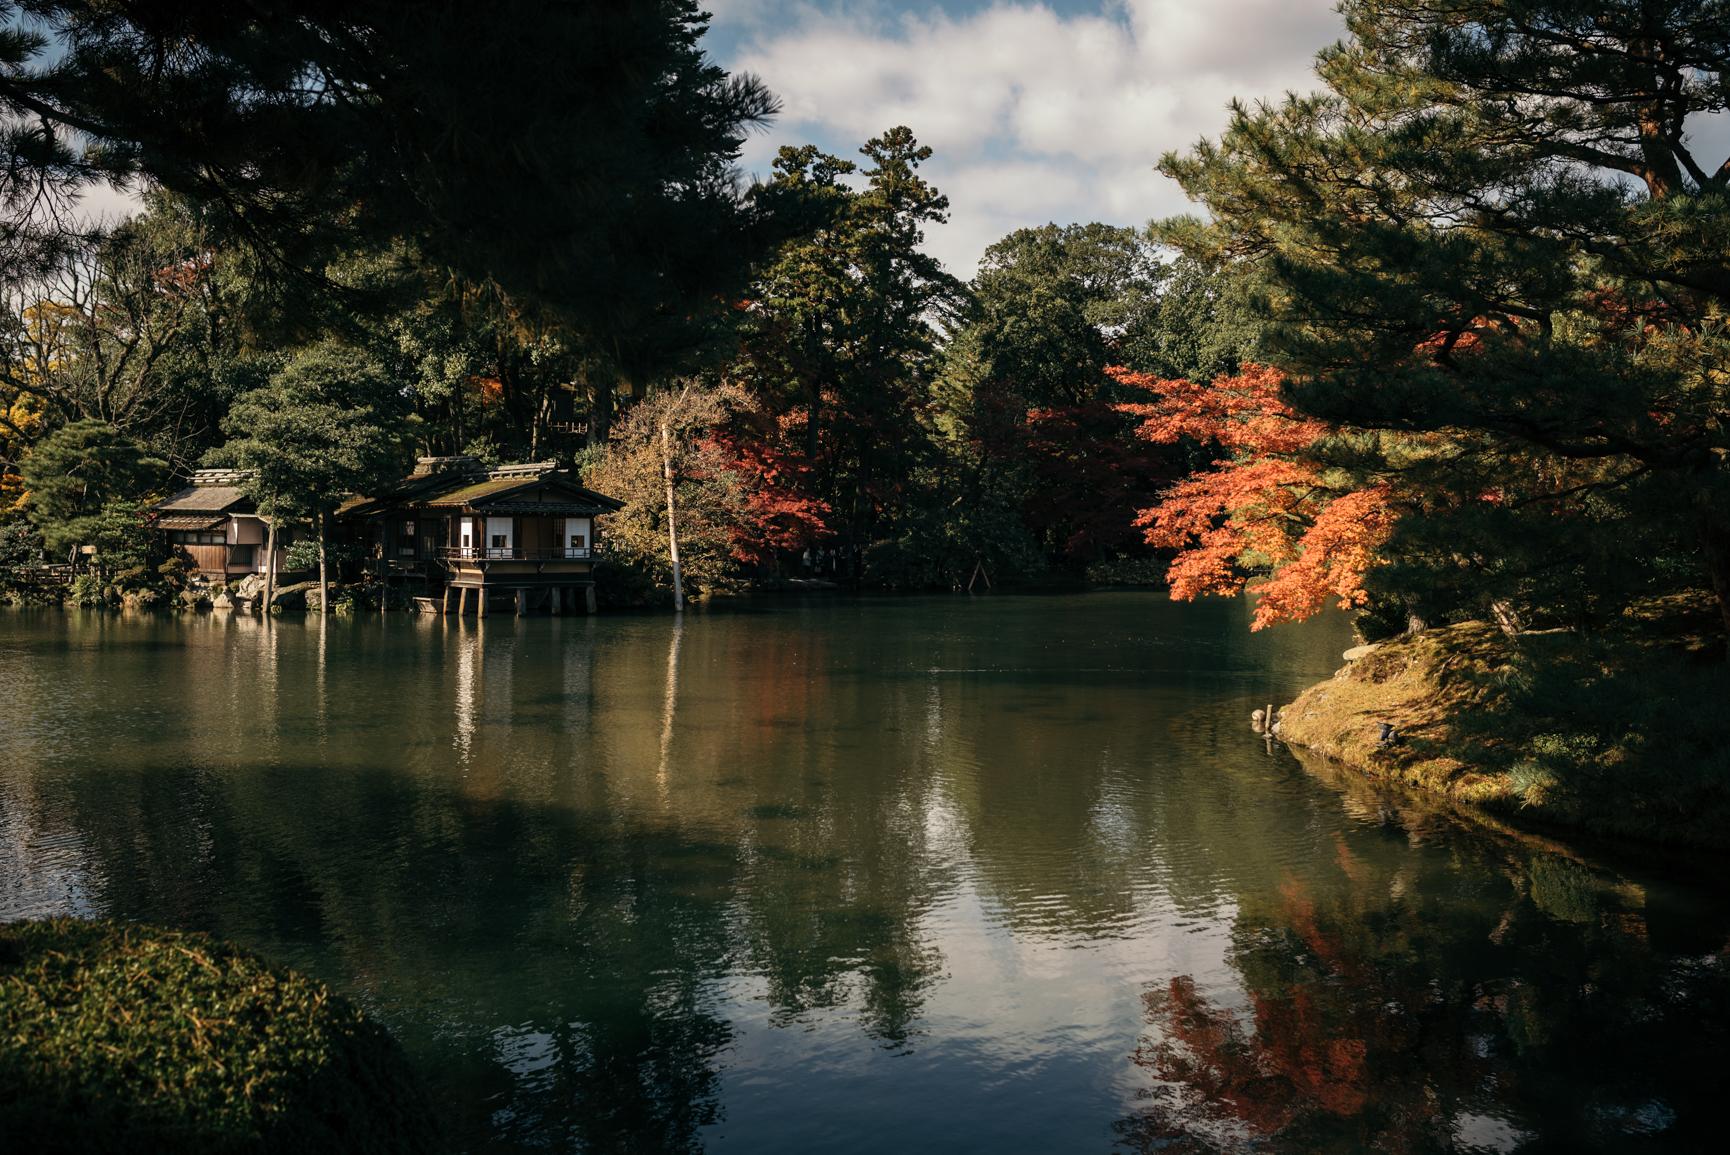 161116-Japan-5003207-110339-0018.jpg